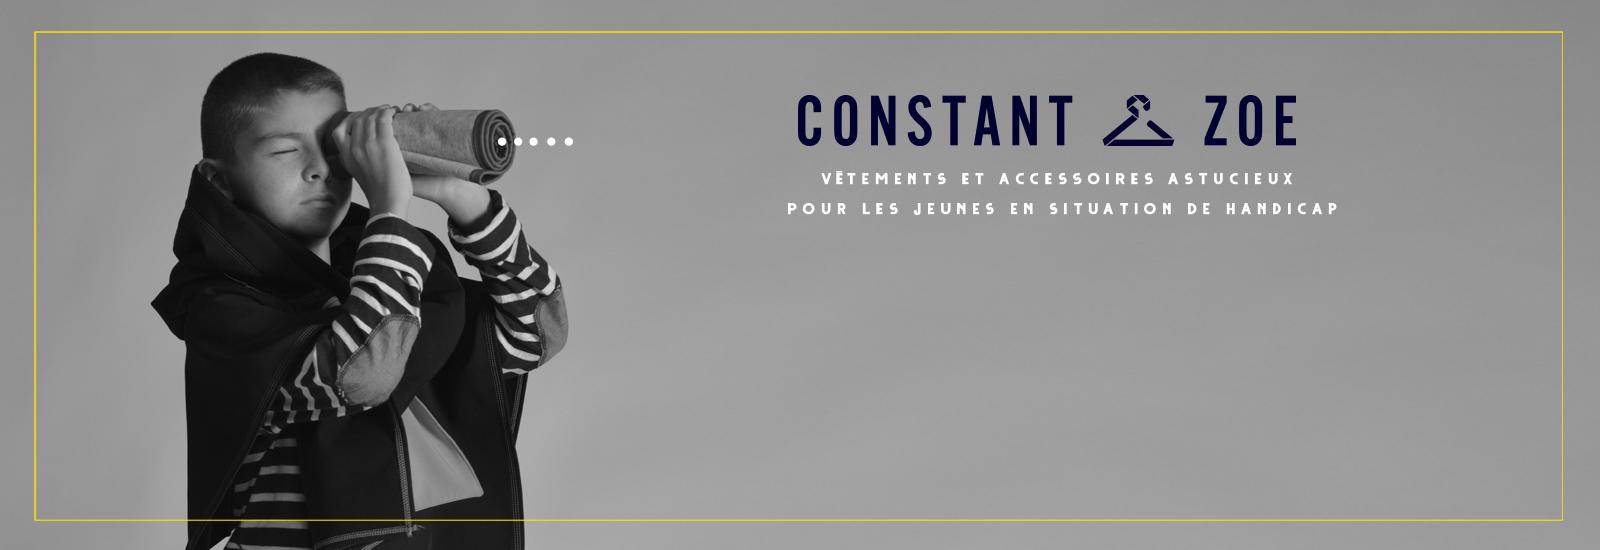 @Constant & Zoé